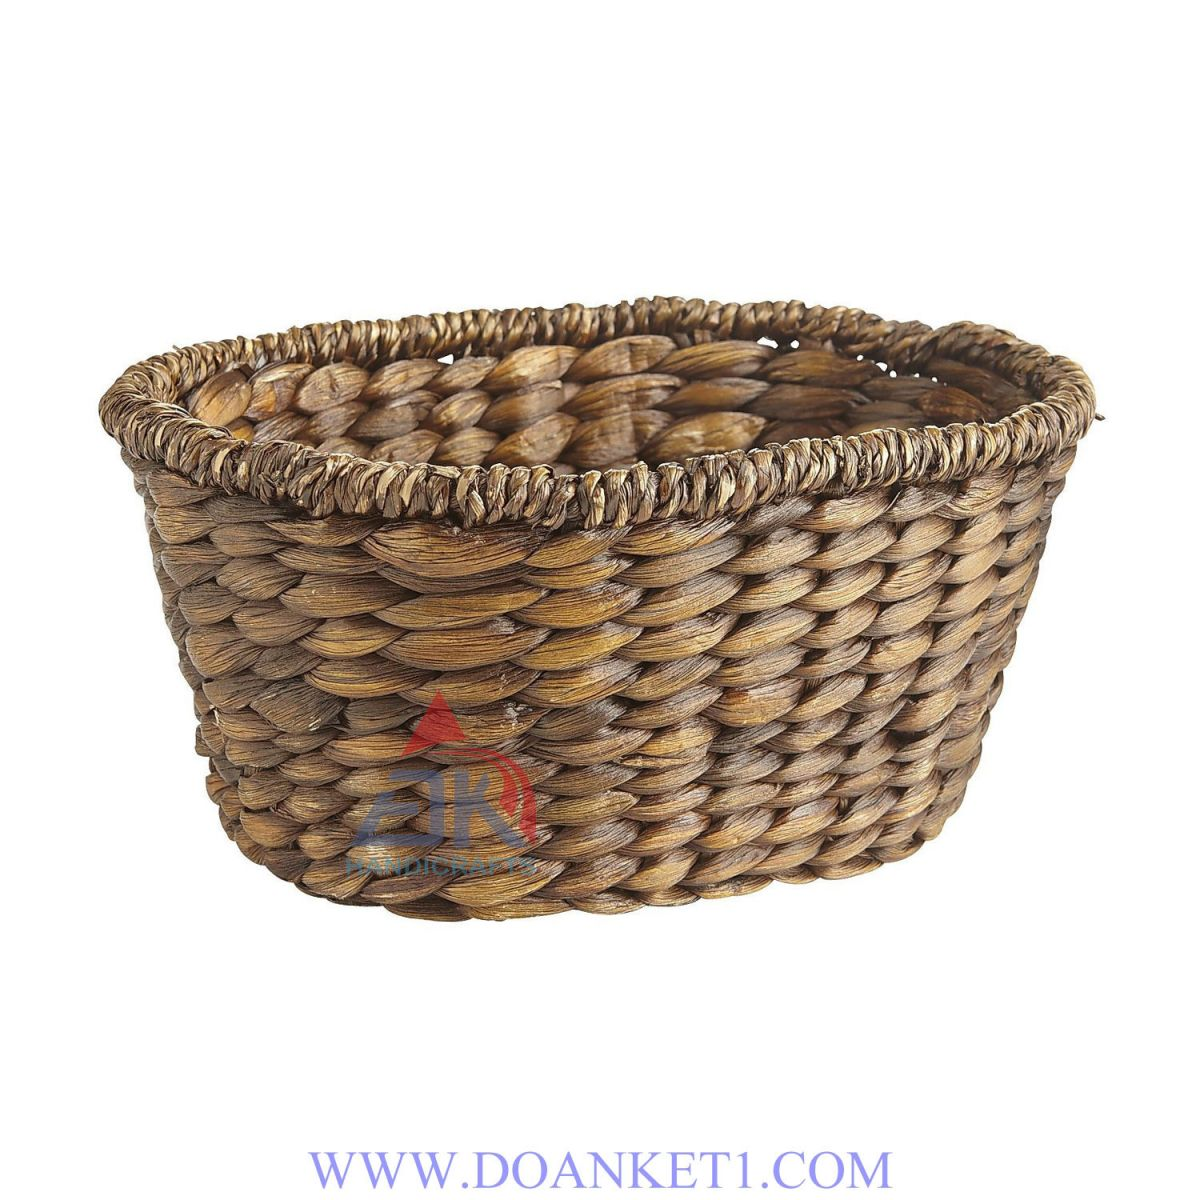 Water Hyacinth Storage Basket # DK285